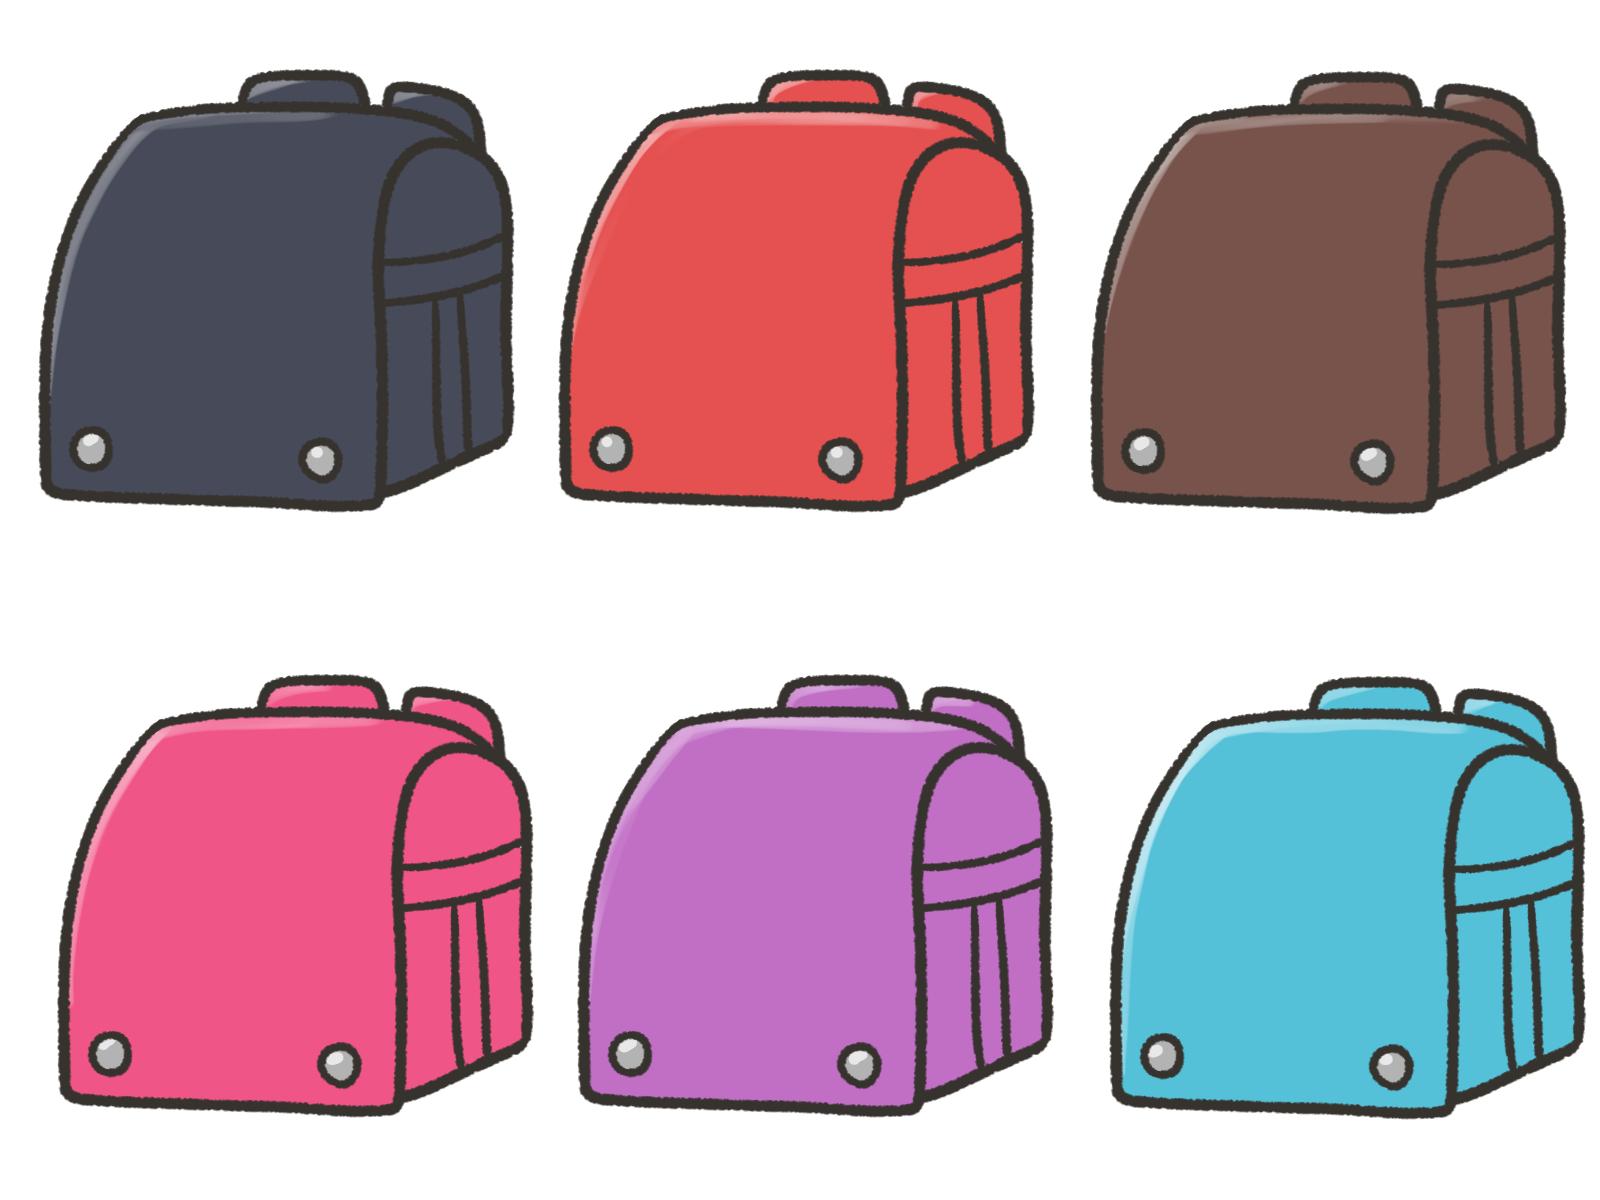 様々な色のランドセルのイメージ画像